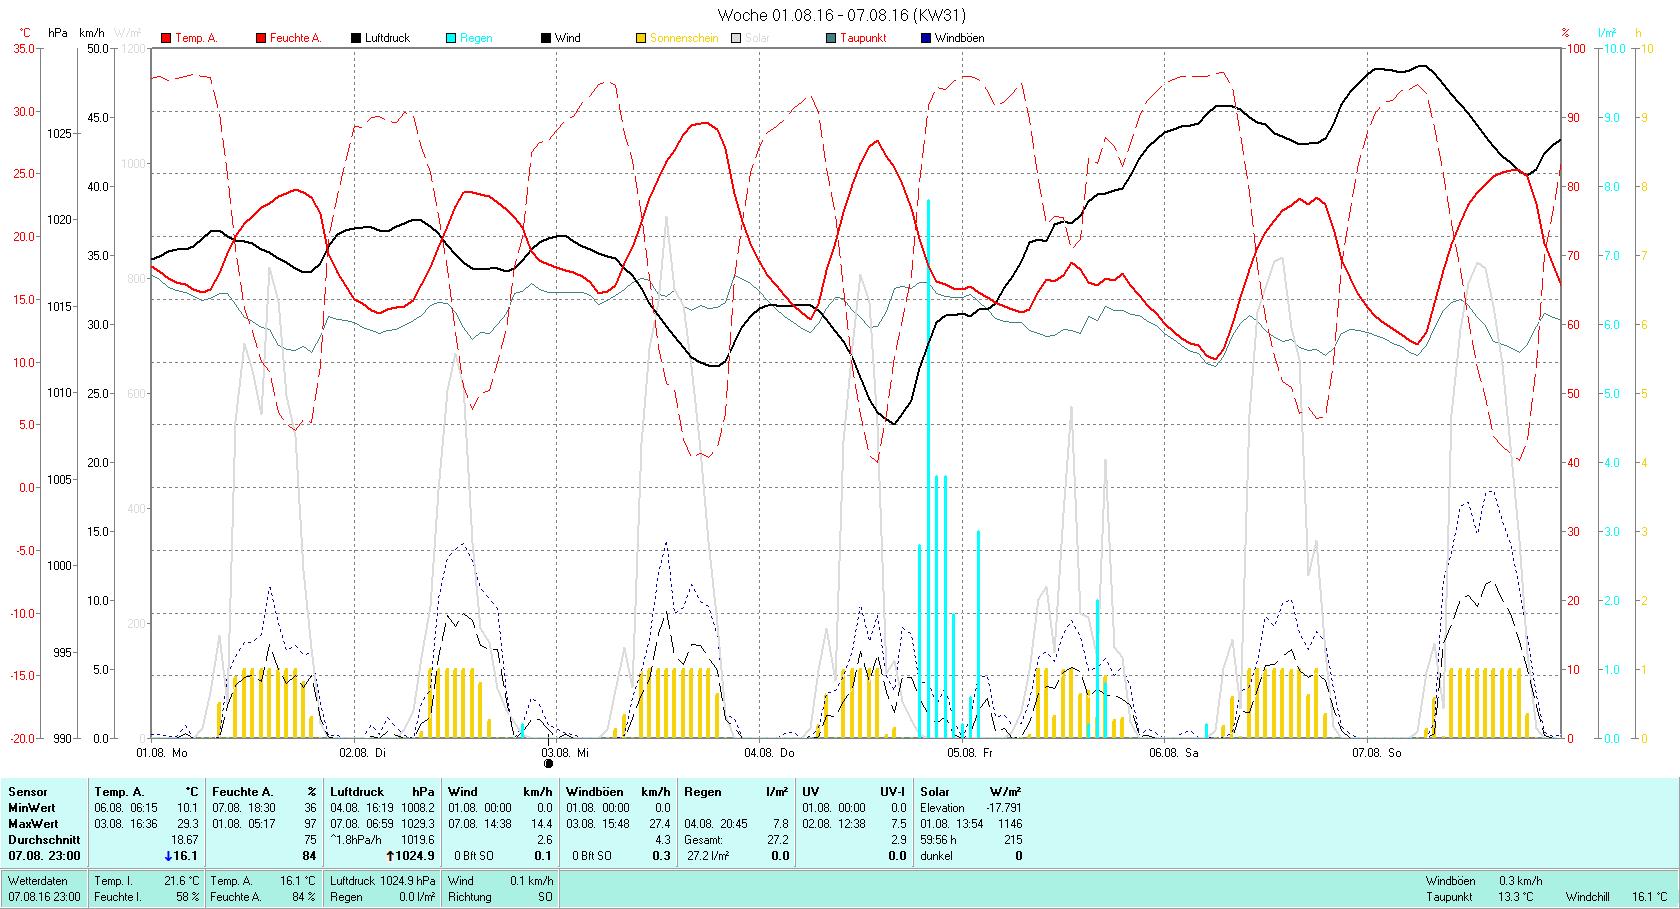 KW 31 Tmin 10.1°C, Tmax 29.3°C, Sonne 59:56h, Niederschlag 27.2mm/2